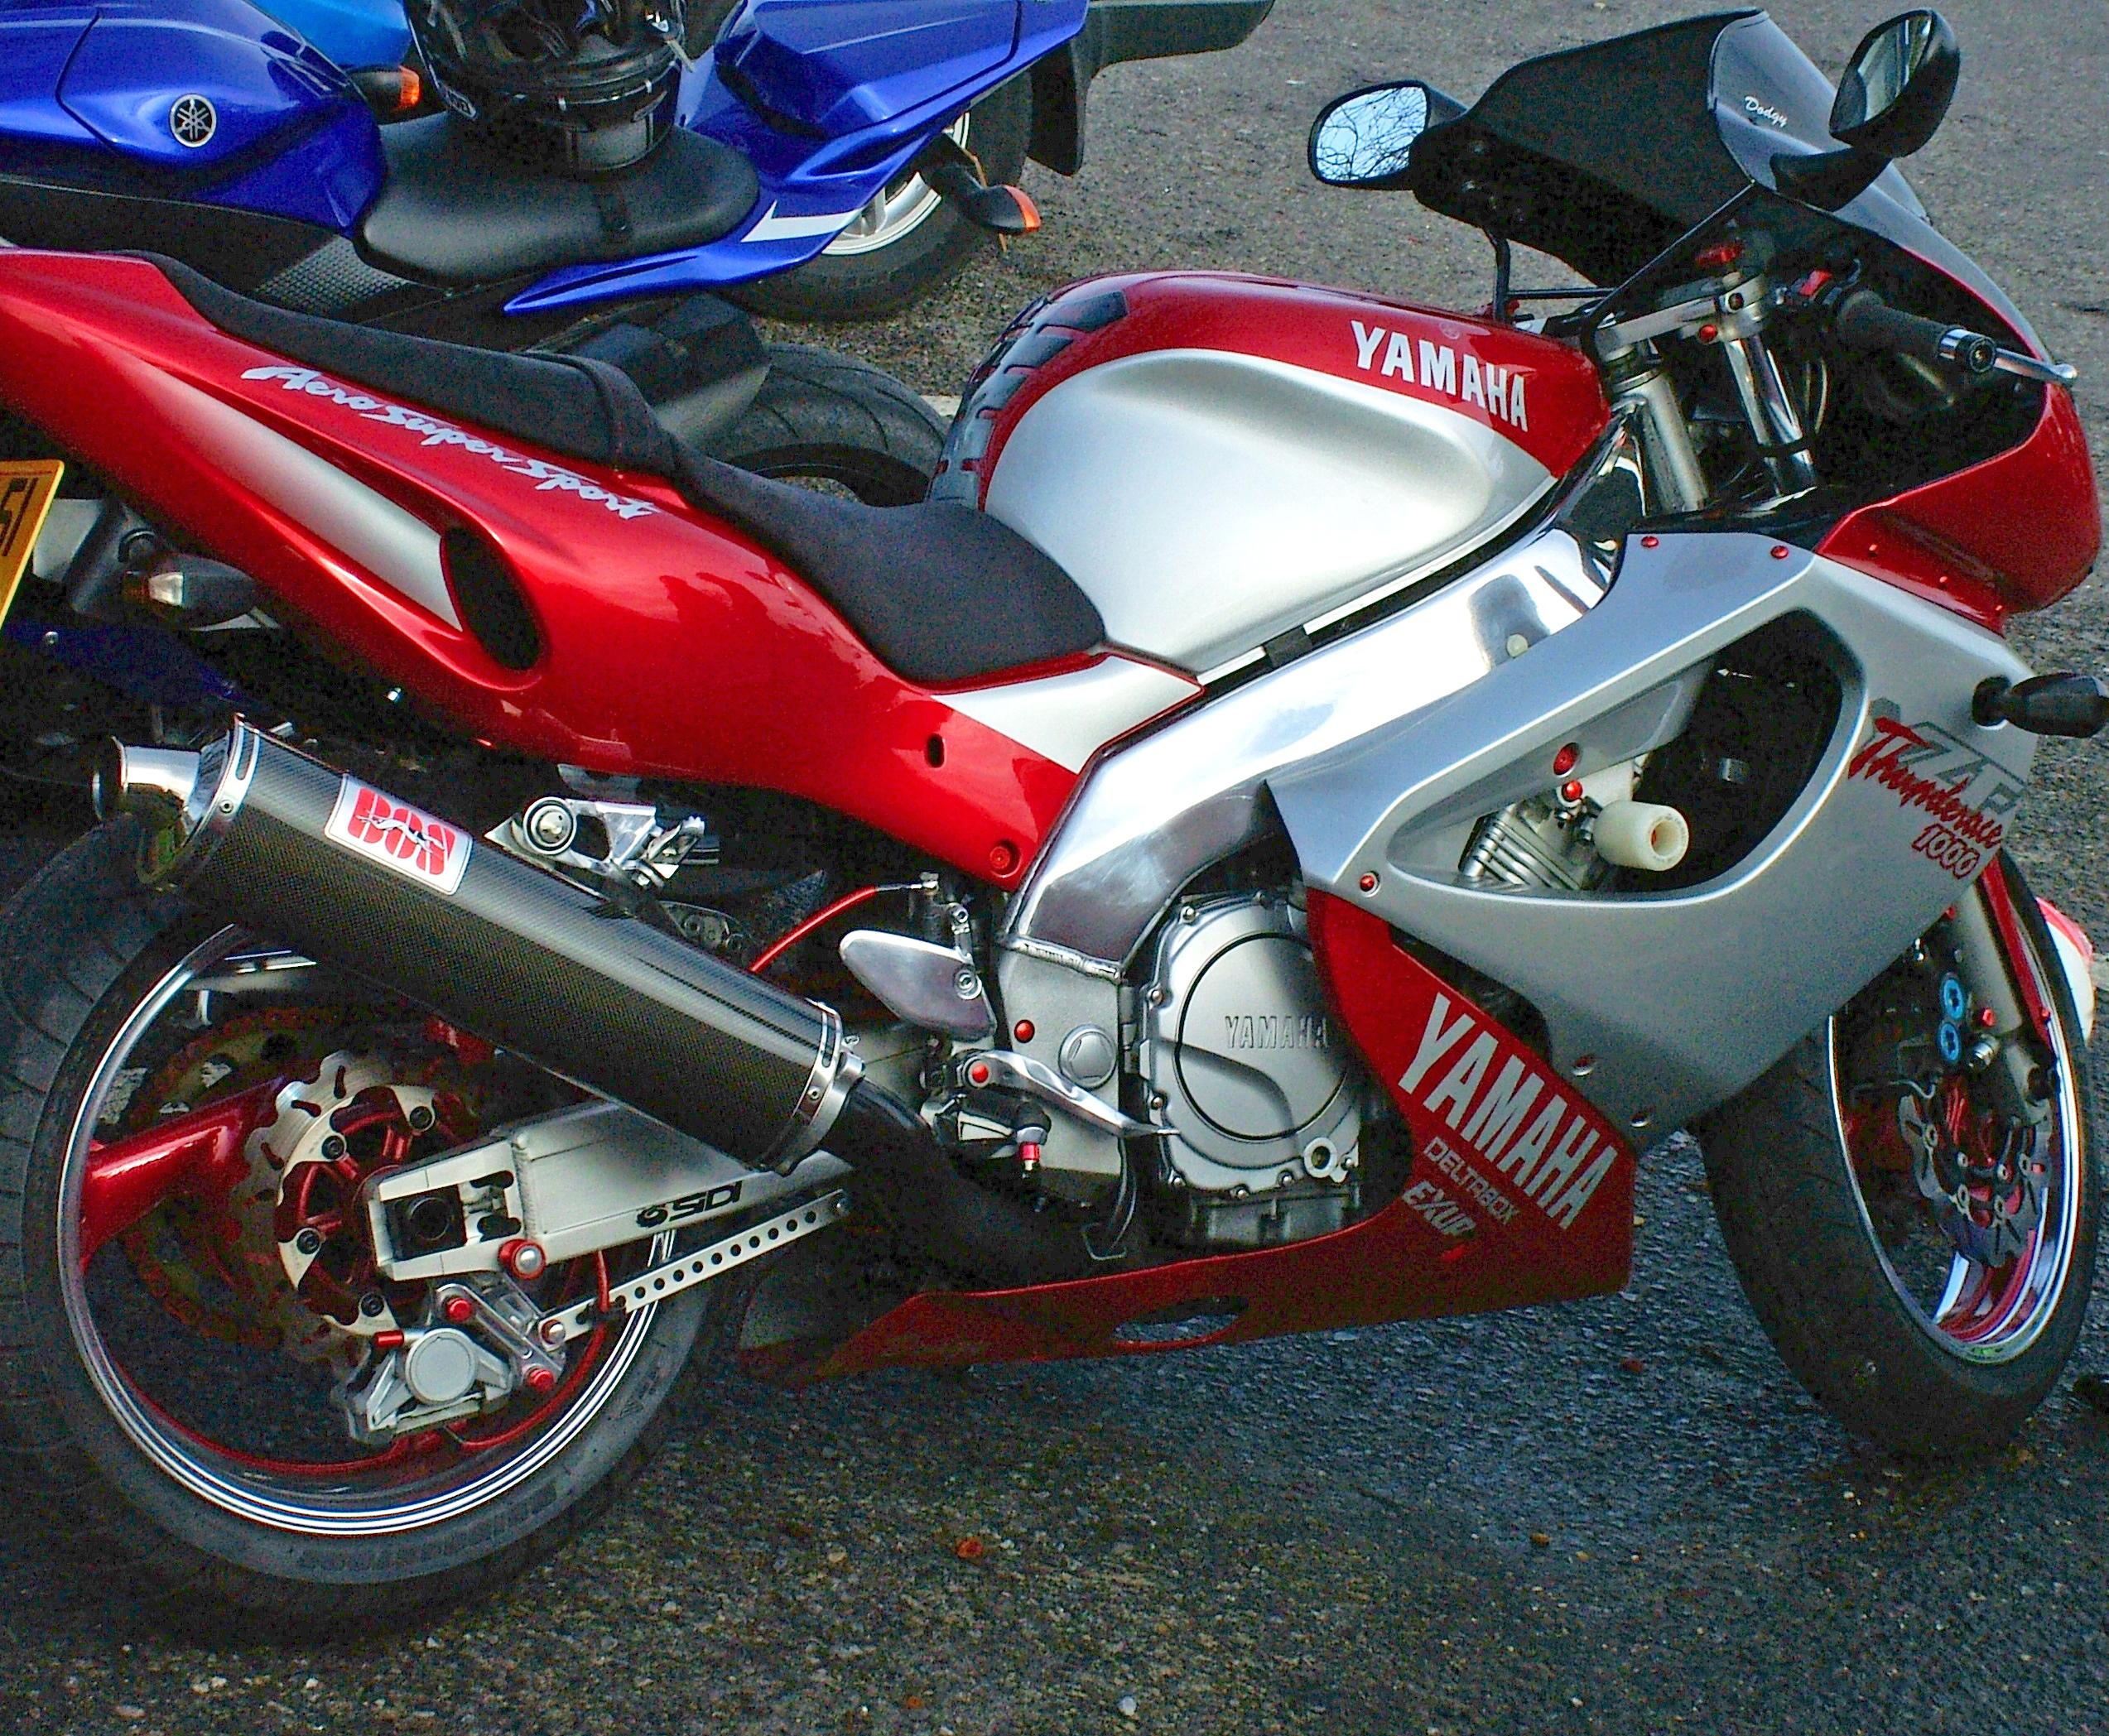 File:Yamaha YZF1000R Thunderace 01.jpg